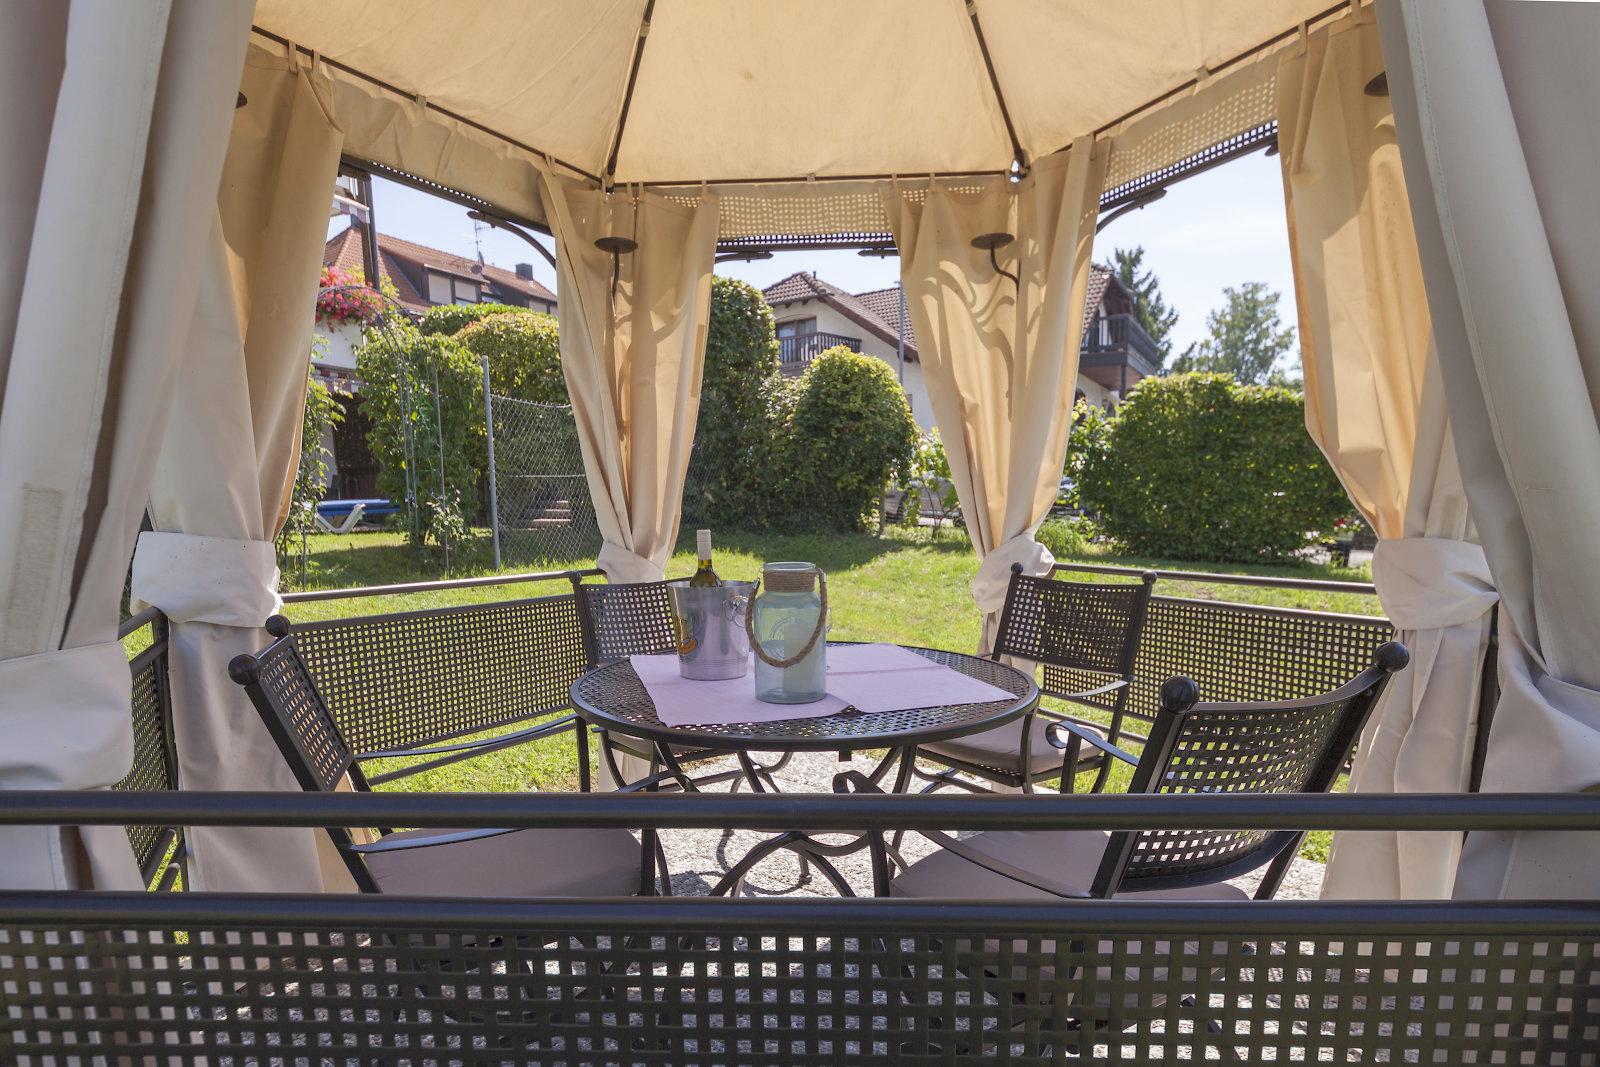 Hotel Seepark Appartements - Hotel Garni (Uhldinge Ferienwohnung am Bodensee